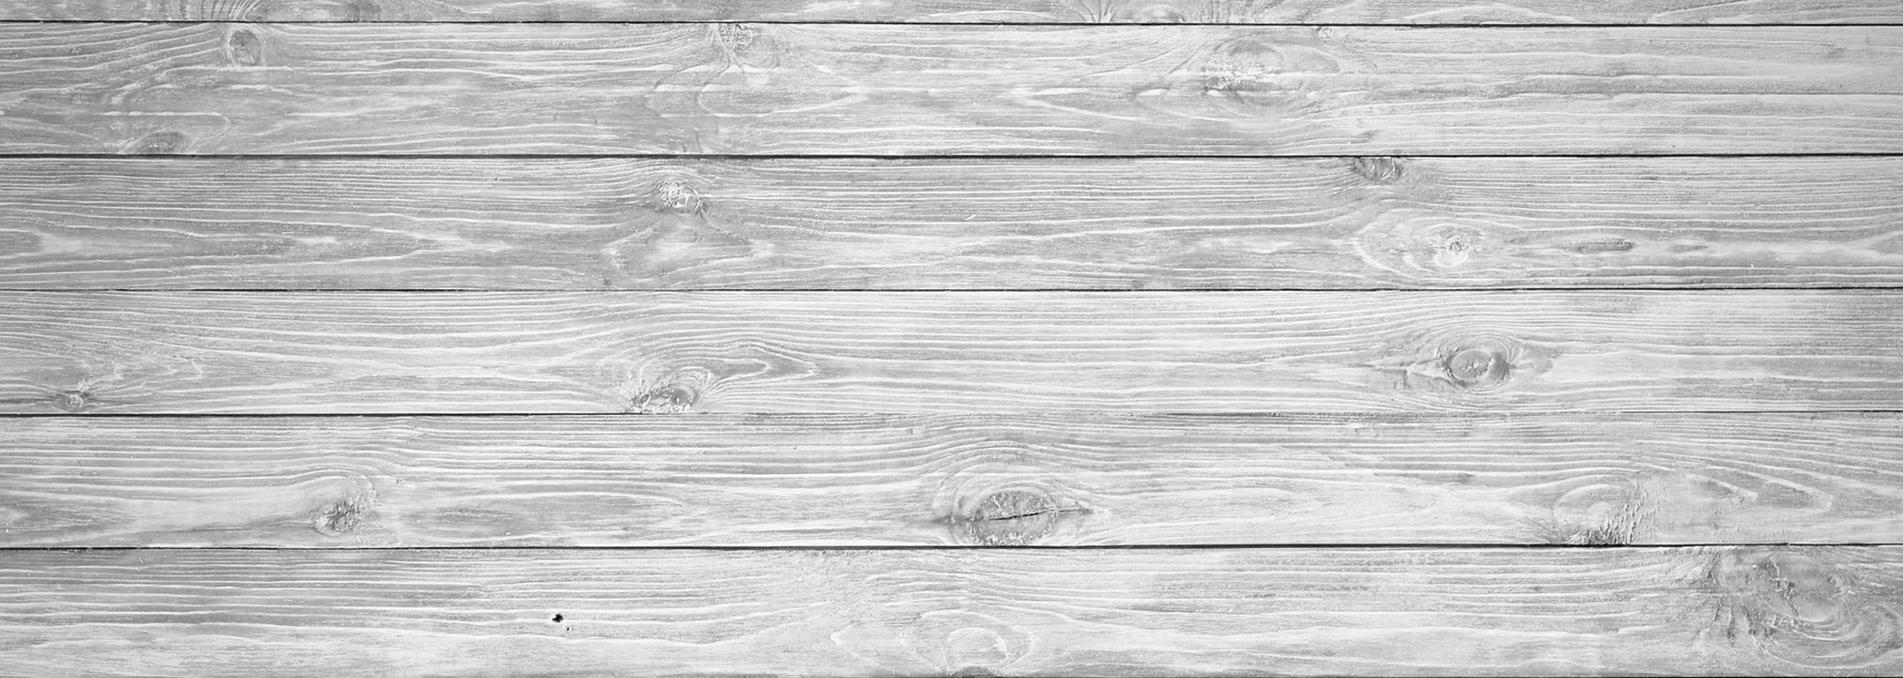 photodune-2487584-white-wood-background-m1